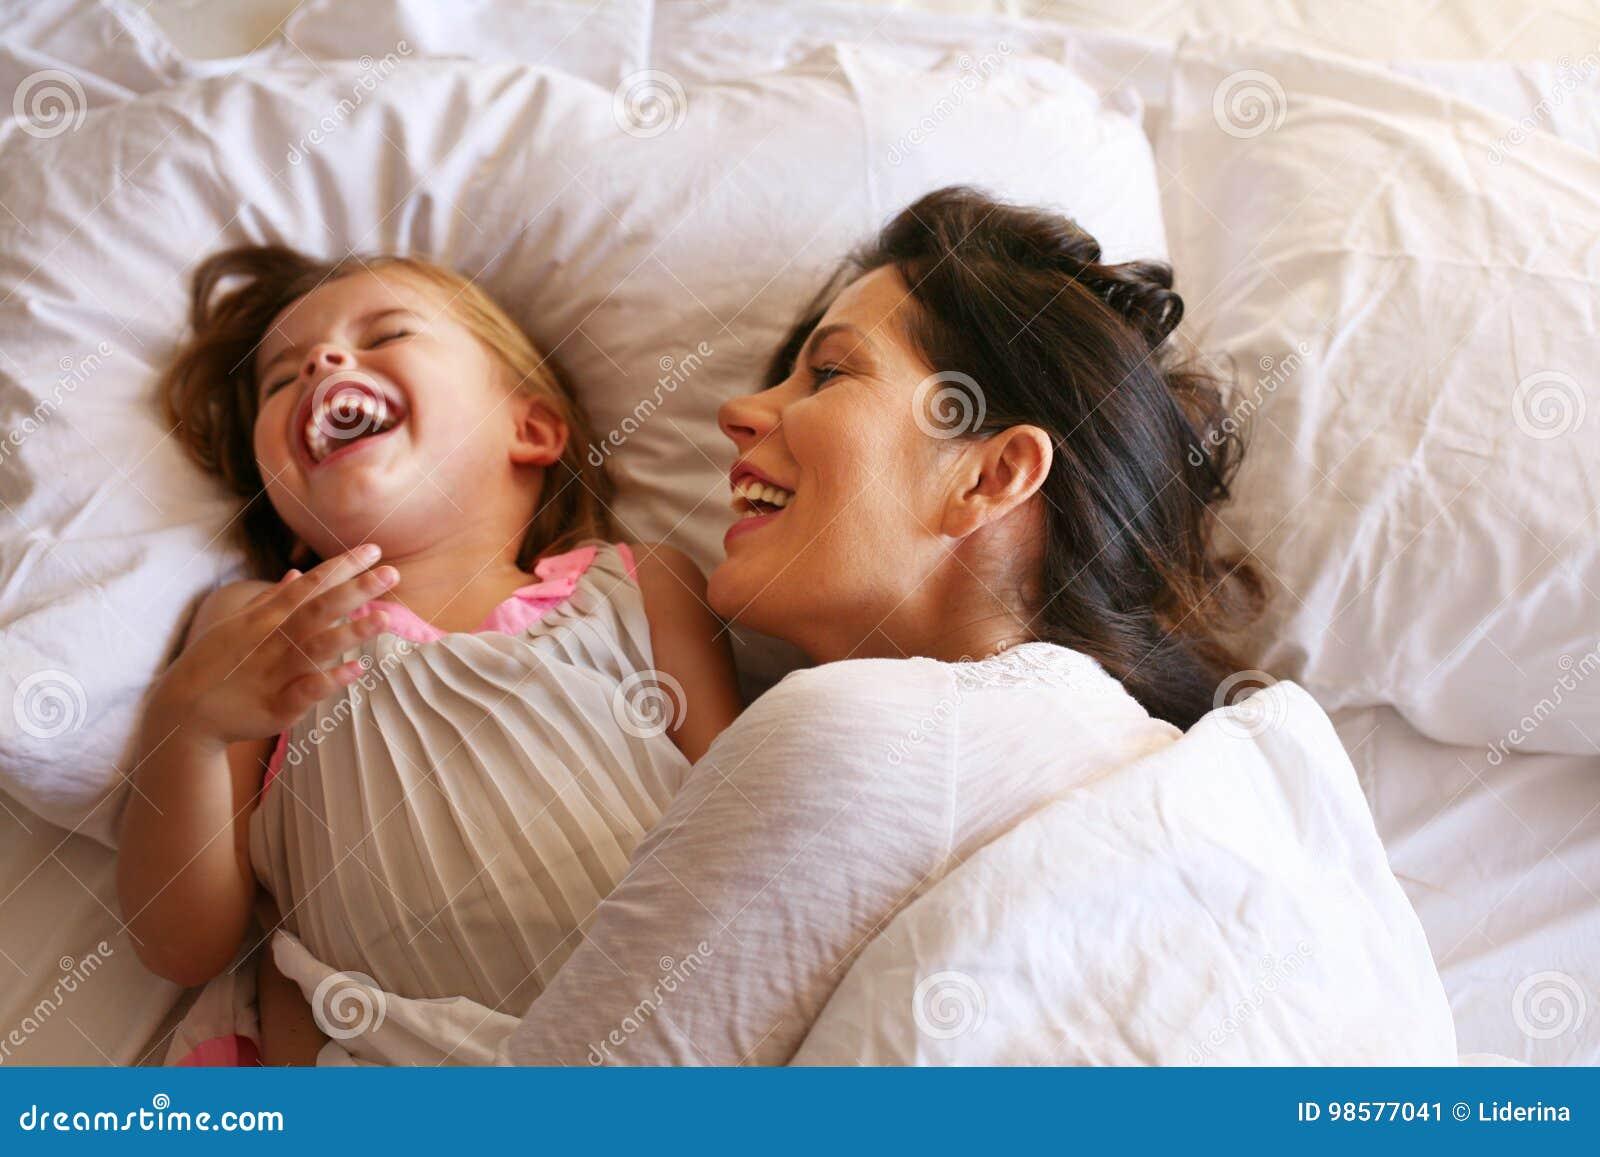 Трахнул свою дочь и мать, Секс с дочерью » Порно мамочки онлайн Full HD 25 фотография